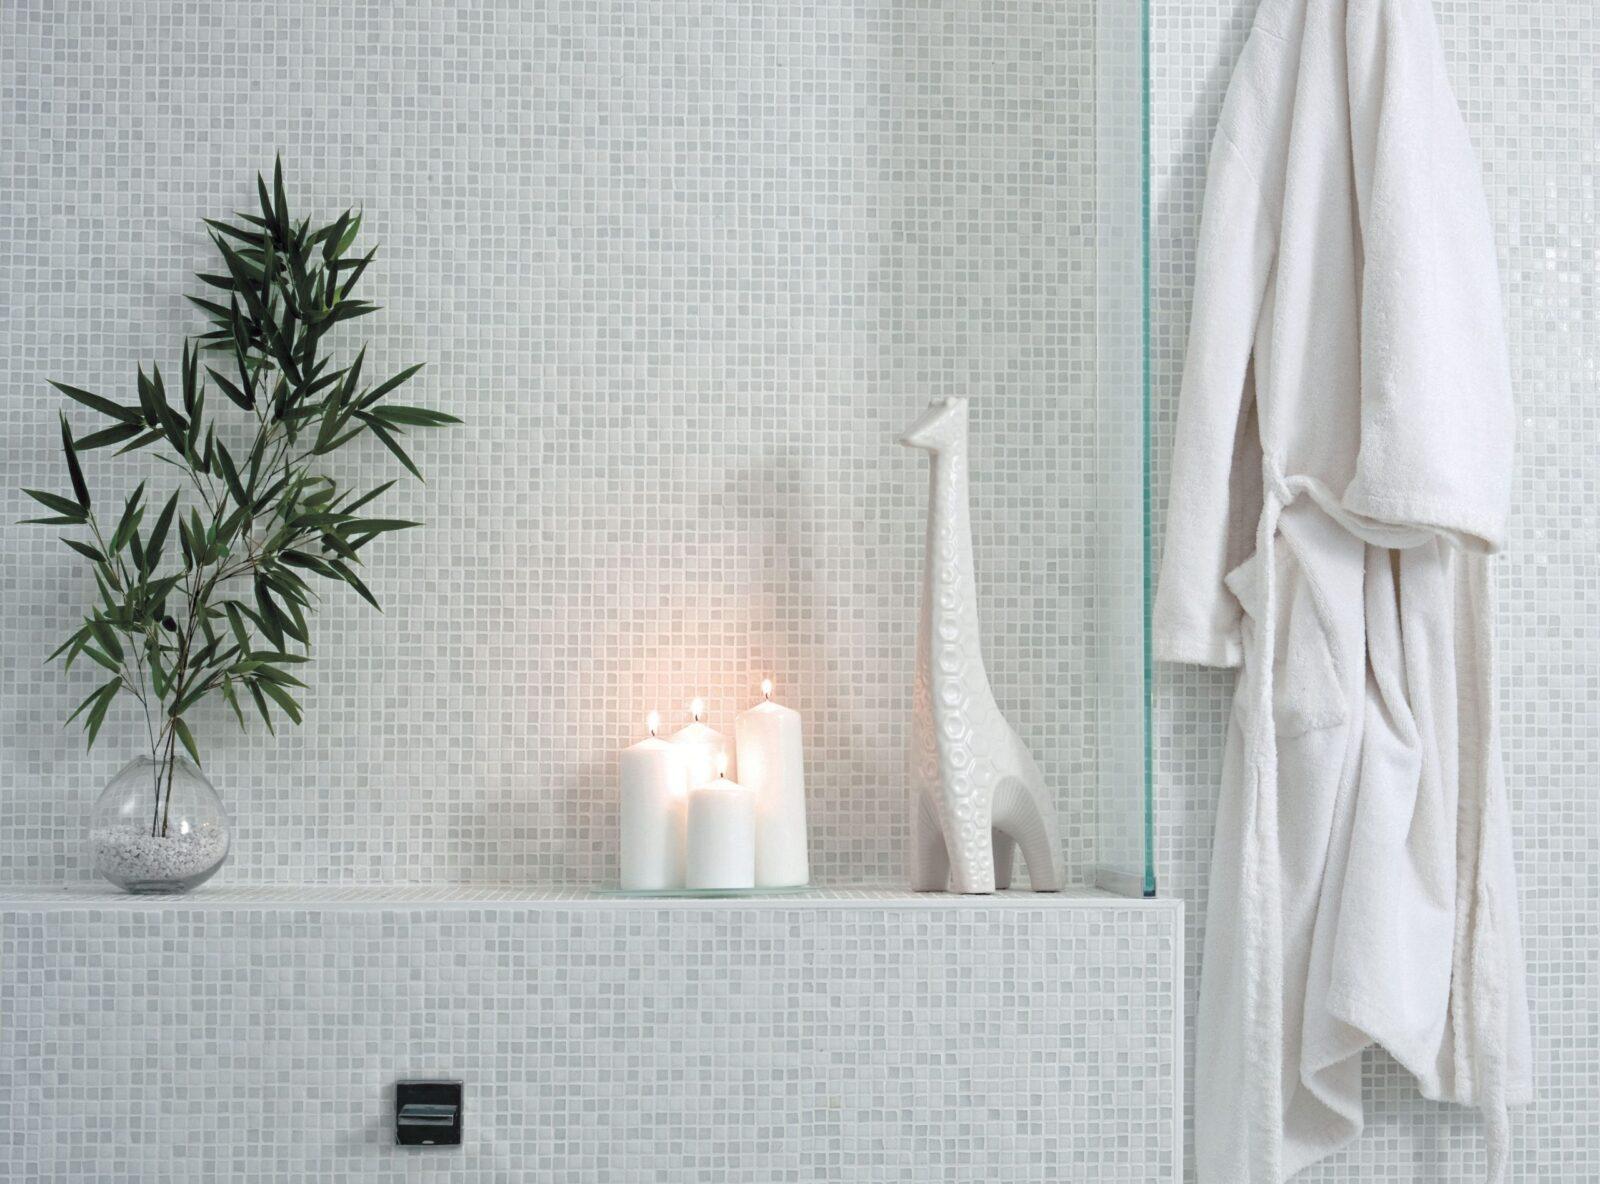 tiled bathroom wall